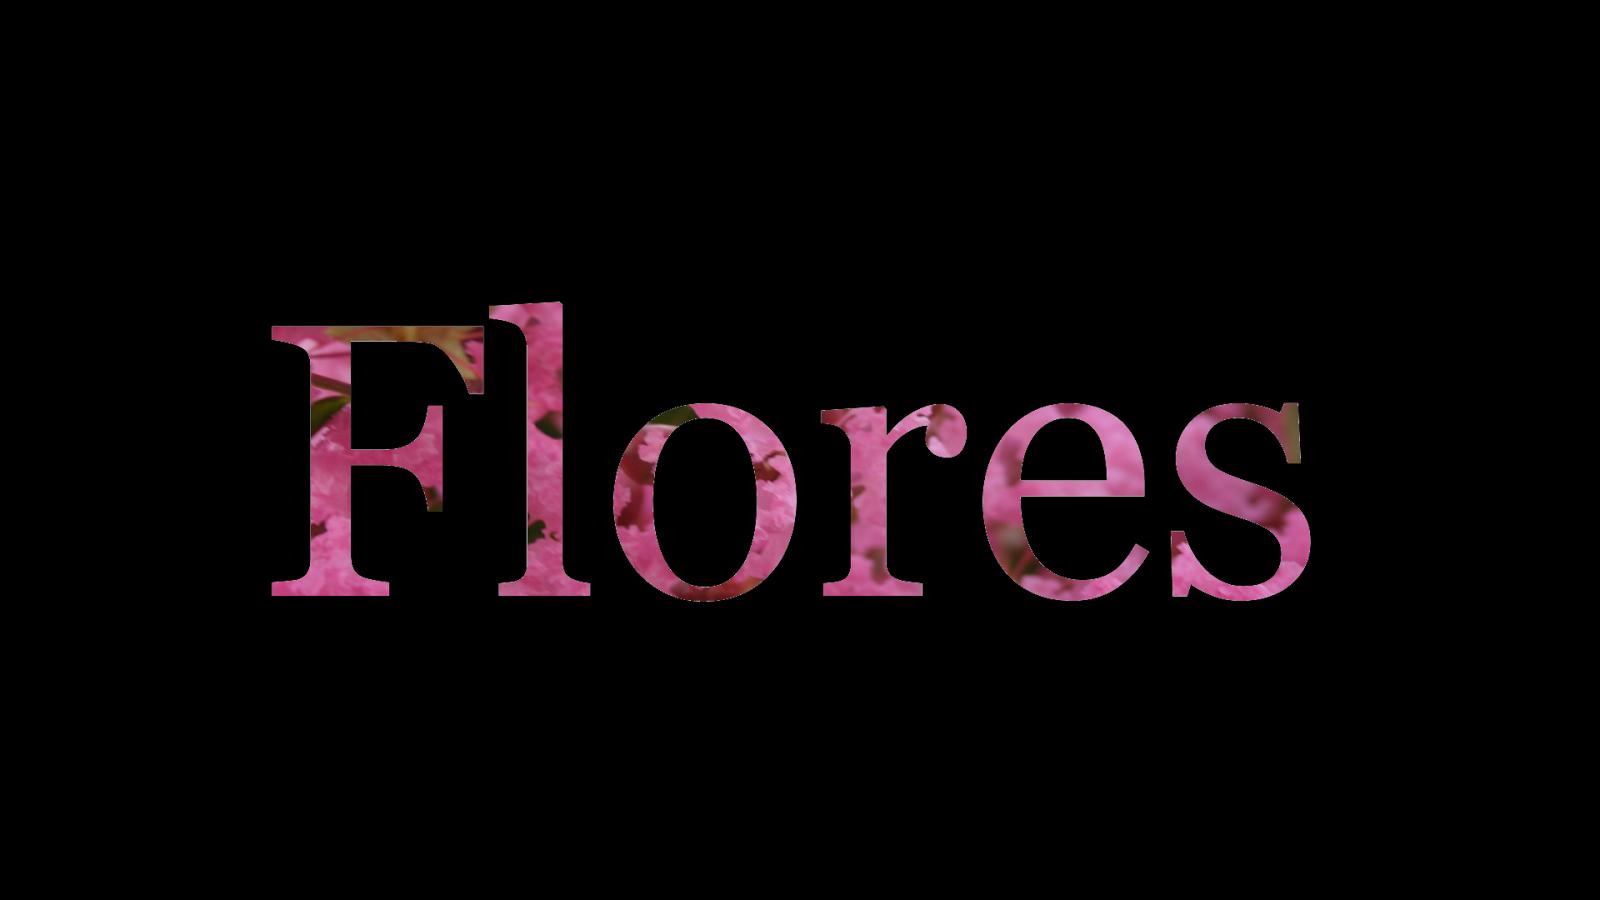 Titulo flores 1920x1080